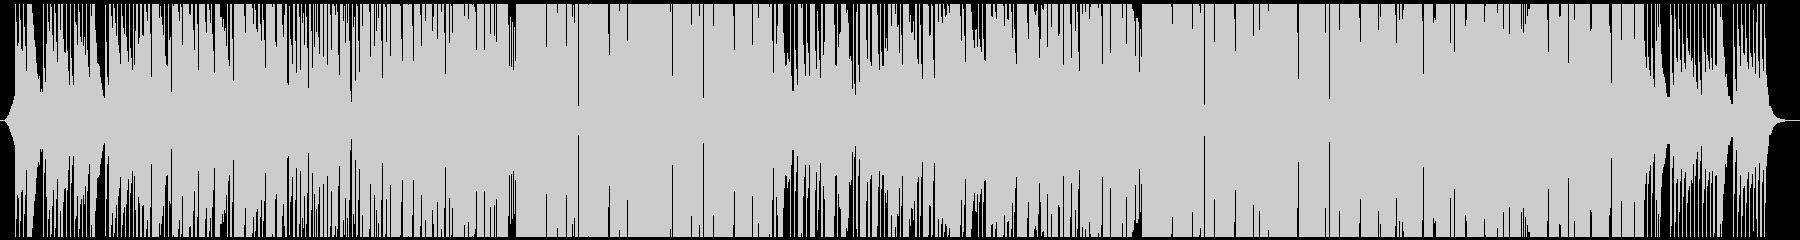 夏っぽいトロピカルEDMの未再生の波形